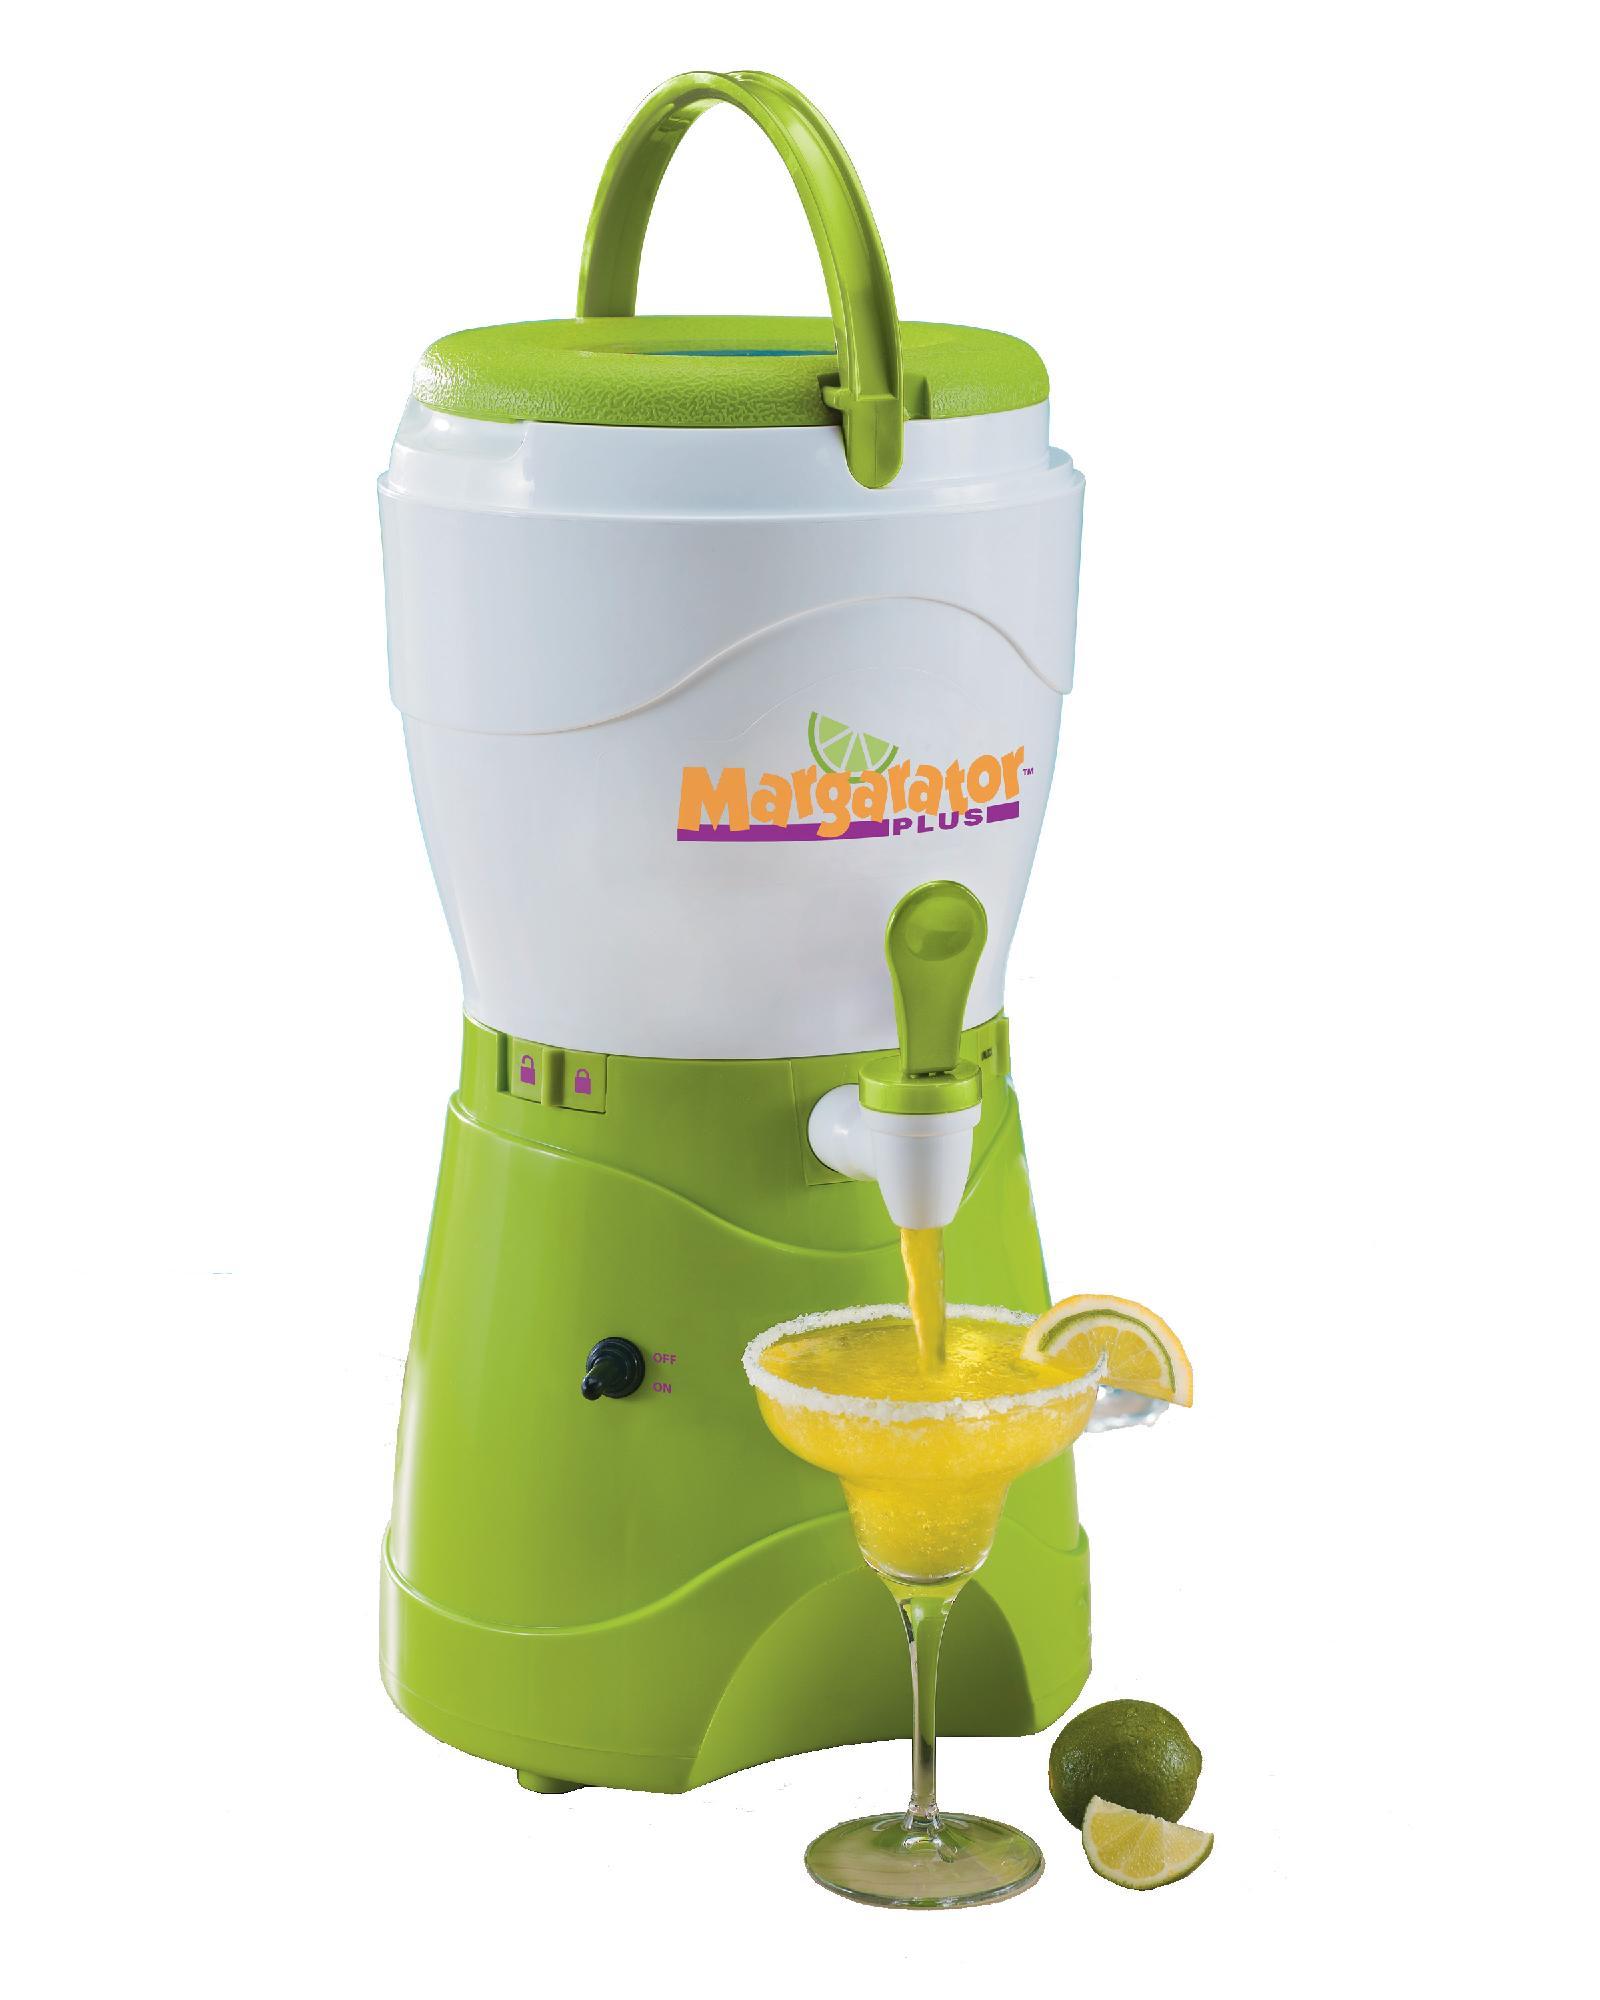 Nostalgia Electrics Margarator Plus Margarita & Slush Machine PartNumber: 00842922000P KsnValue: 6072192 MfgPartNumber: MSB600